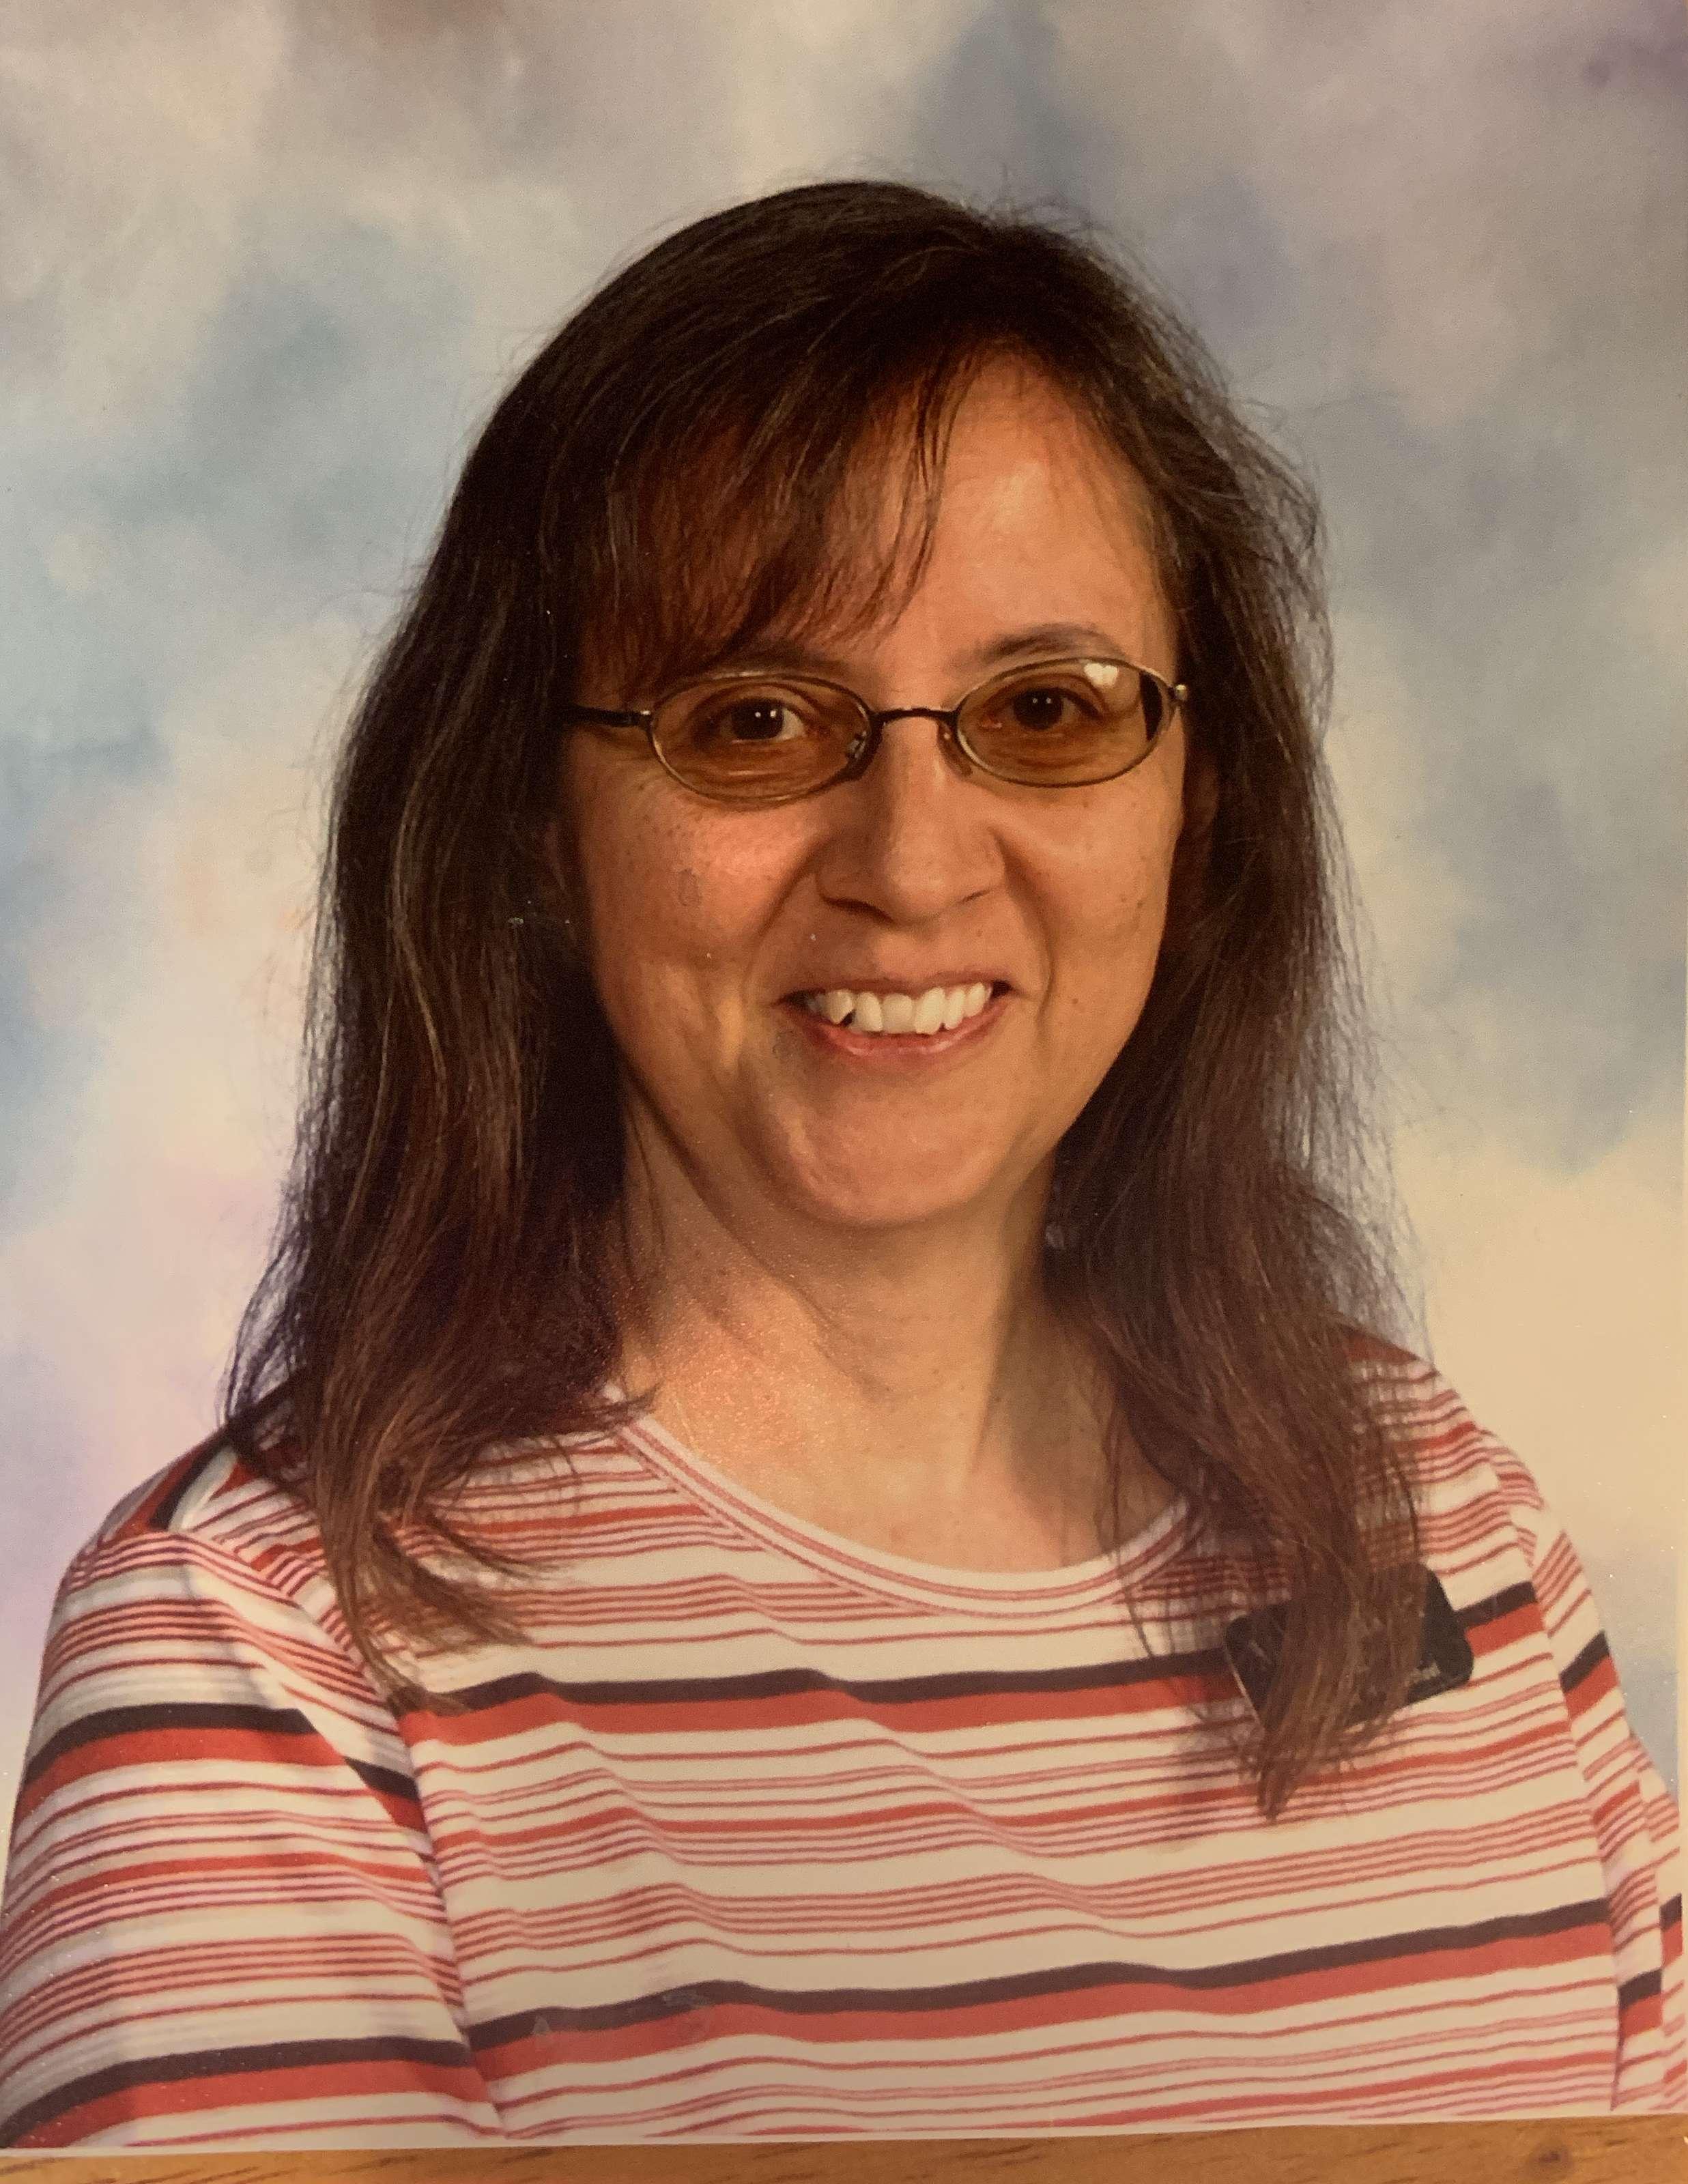 Linda Yvonne Coakley, 64, of Gothenburg, Nebraska